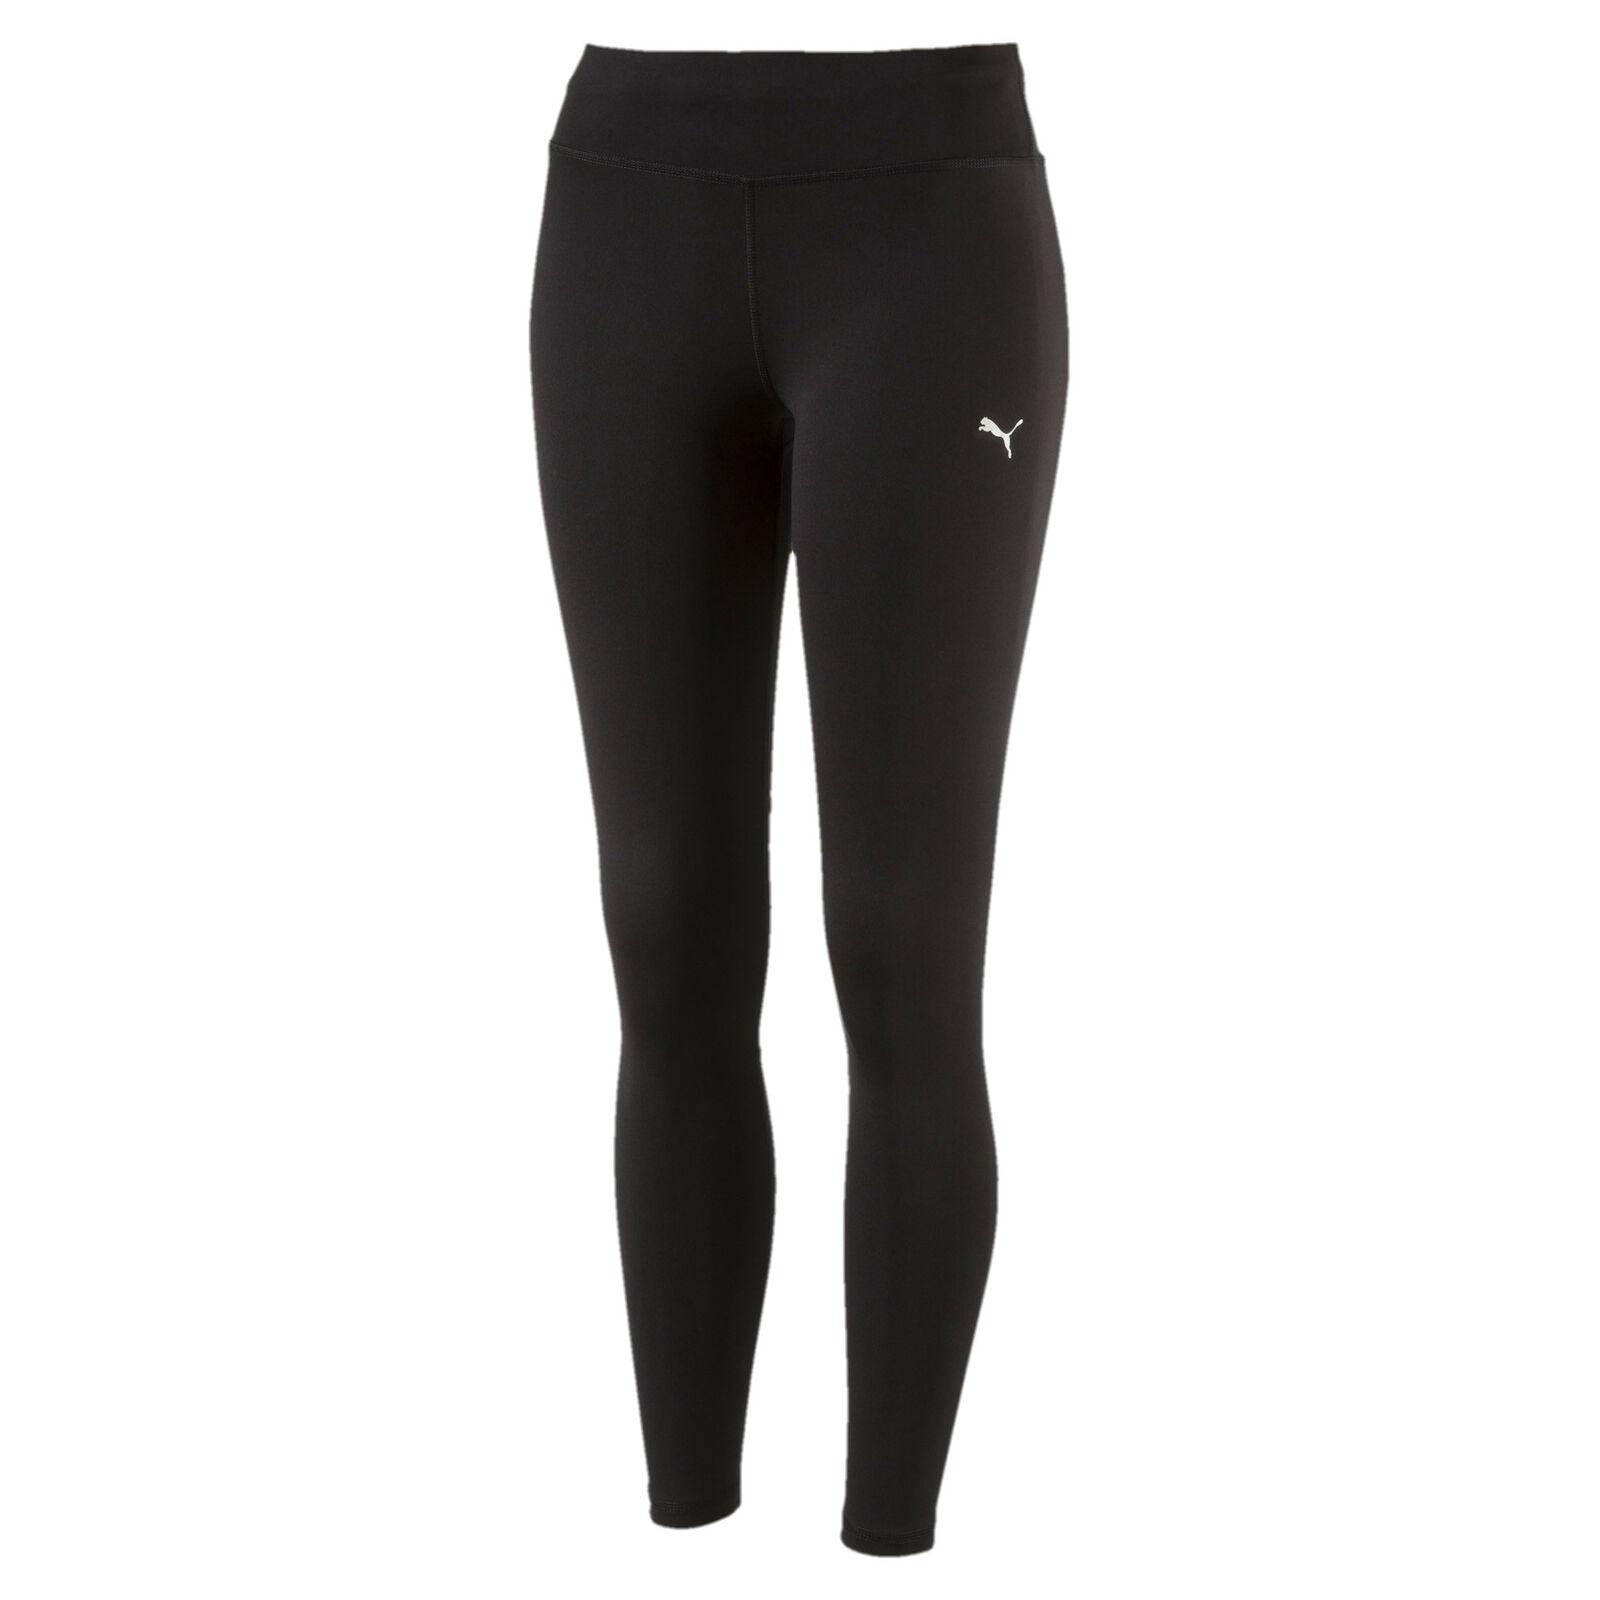 Bild zu Puma Running Damen Laufhose für 20€ (Vergleich: 31,11€)